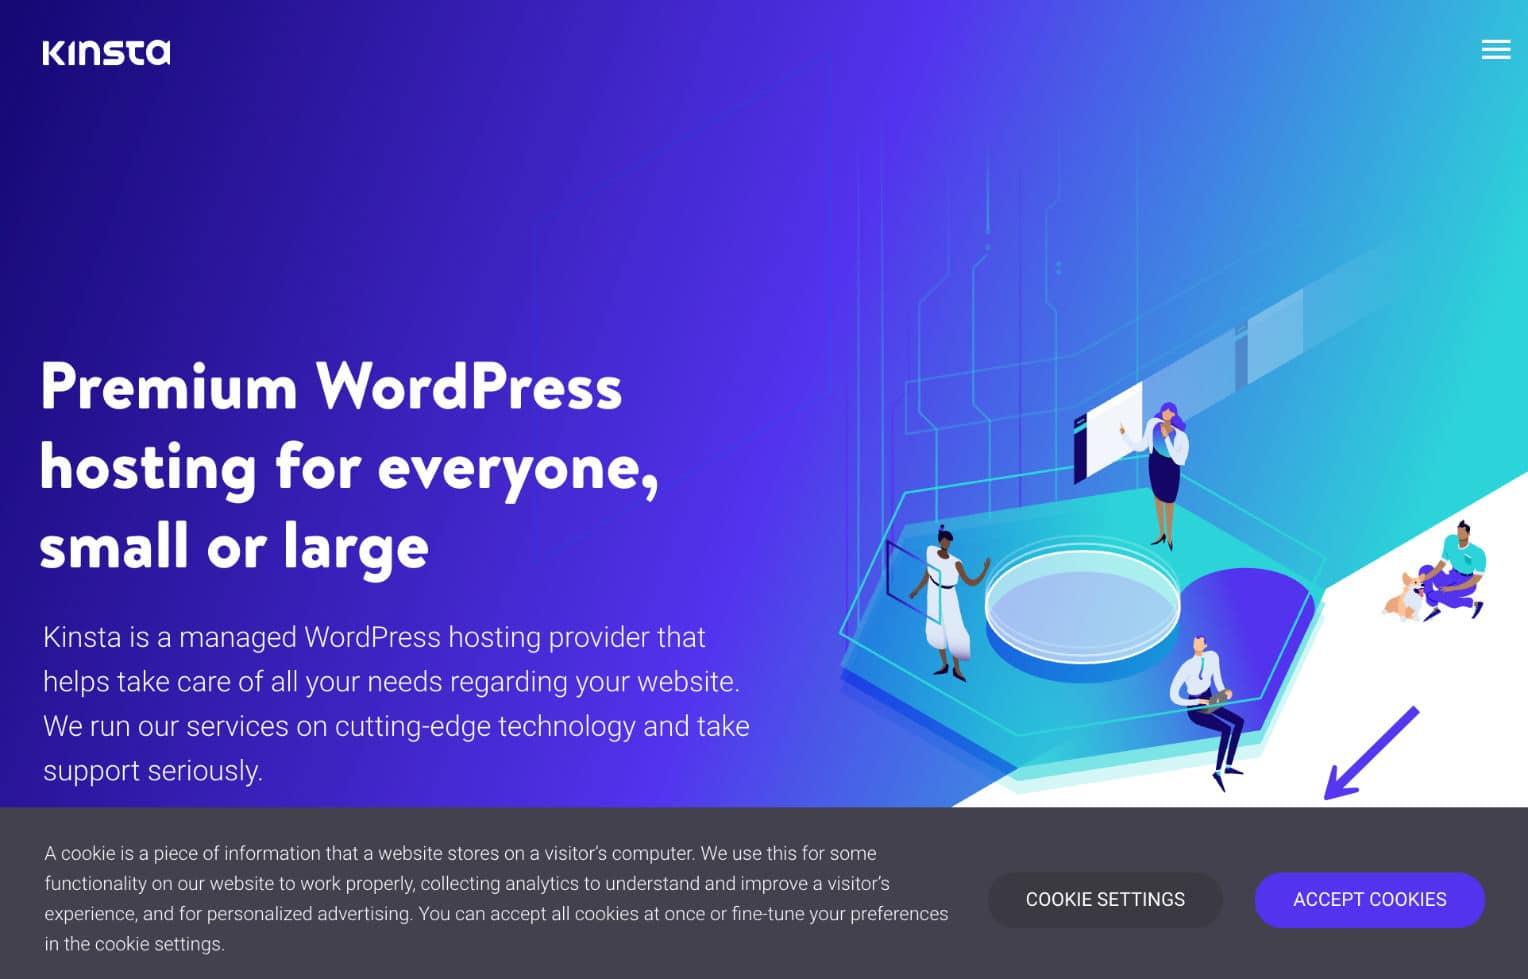 Il plugin per il consenso ai cookie di WordPress